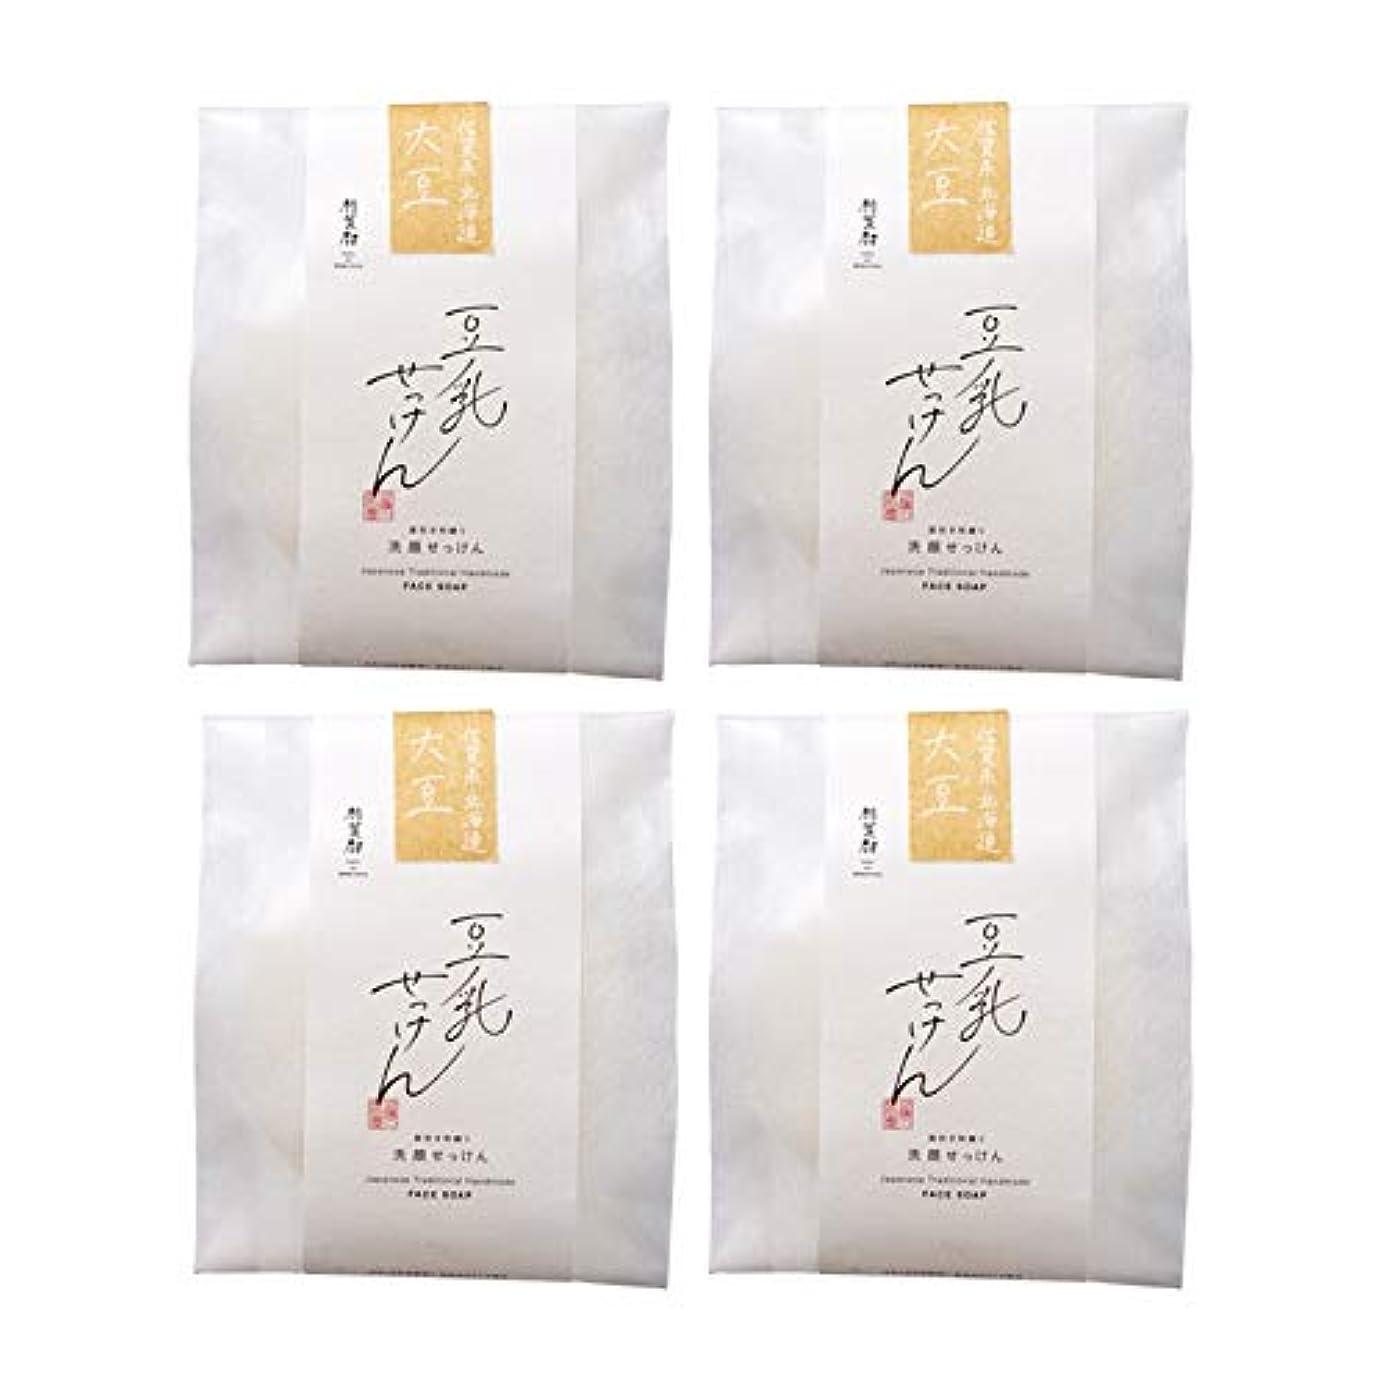 収益ポインタ雨豆腐の盛田屋 豆乳せっけん 自然生活 100g×4個セット